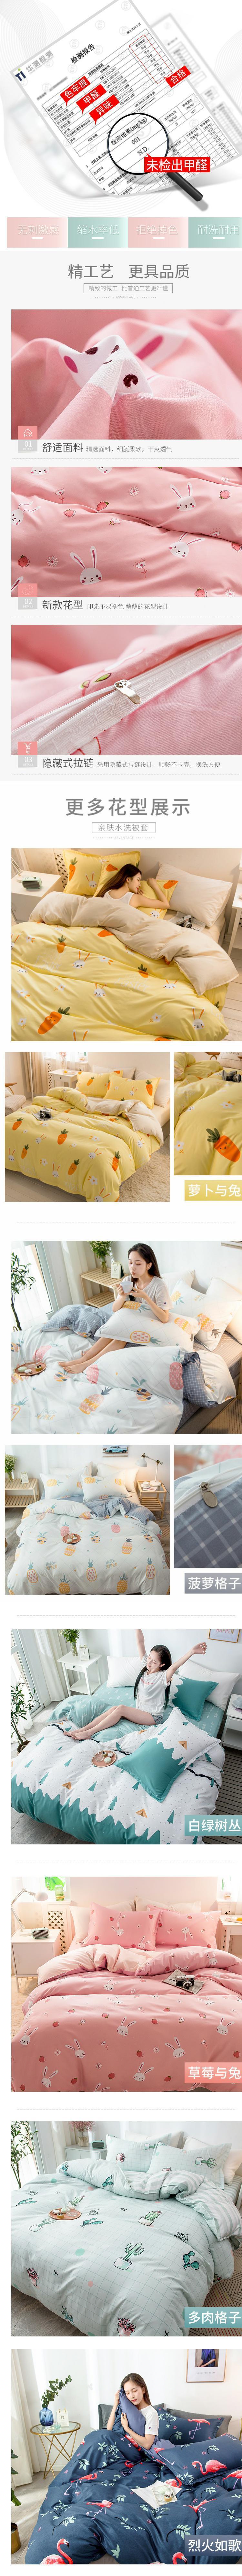 中國代購|中國批發-ibuy99|春秋天被套夏季被套床上用品四件套水洗棉北欧ins风小清新180x200